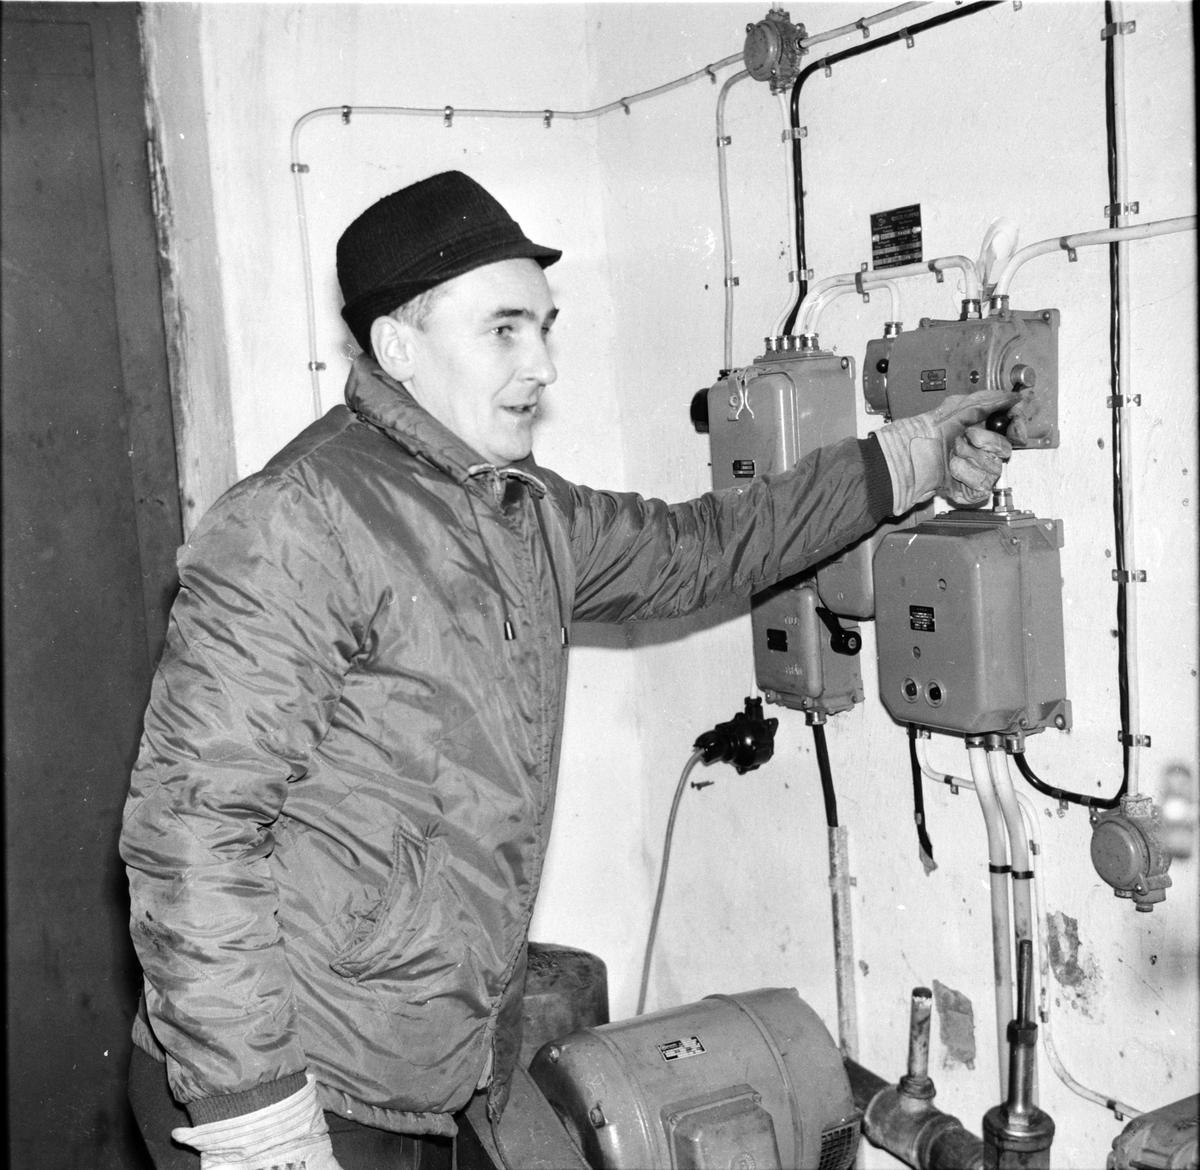 Flästa, Den nya pumpstationen, Januari 1968